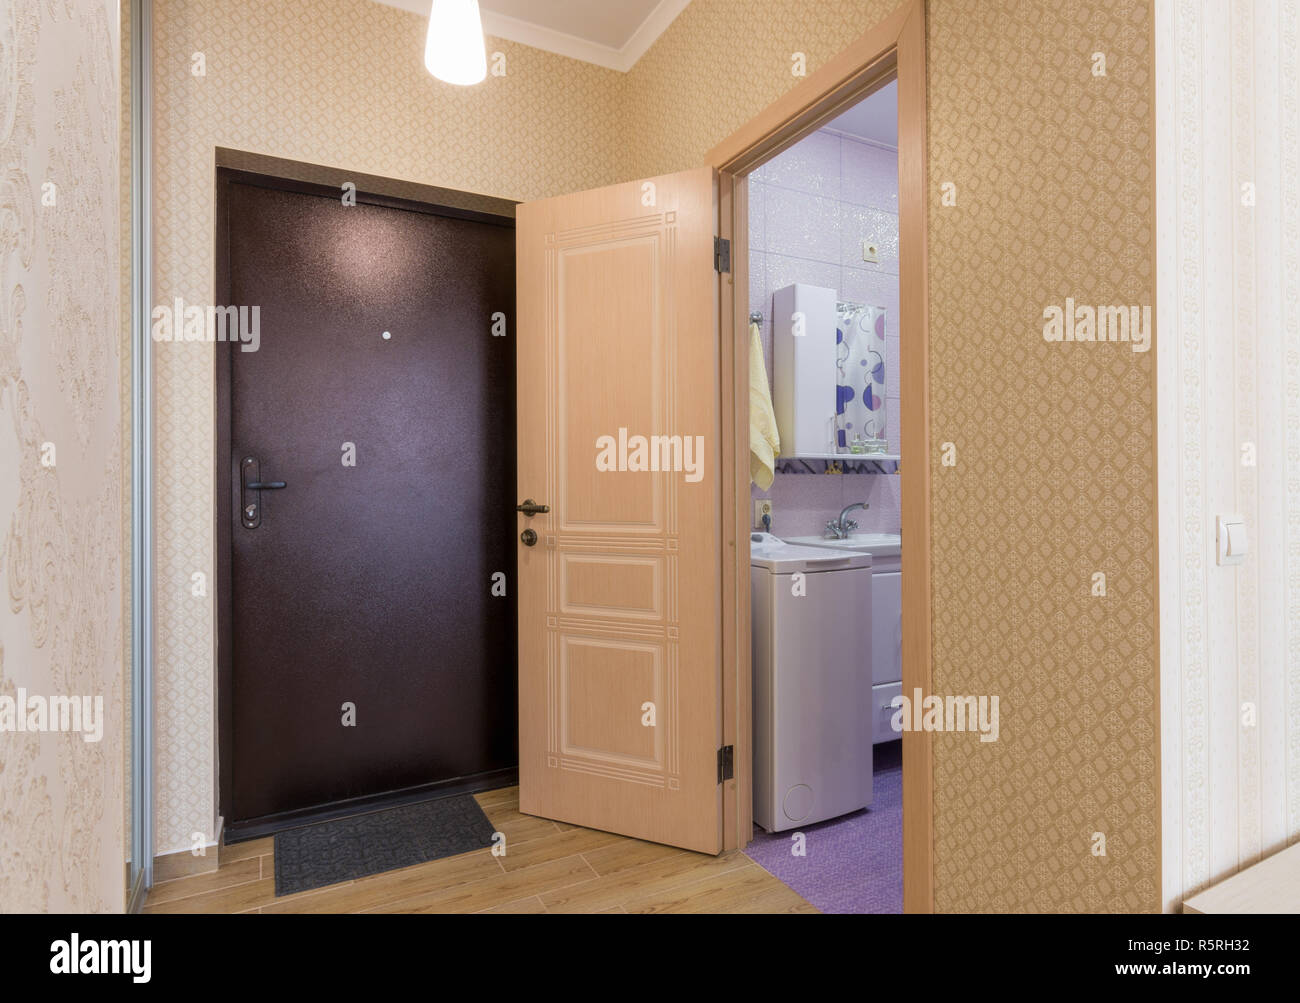 Eingangshalle, der Innenraum, die vordere Tür und Tür zum Badezimmer ...